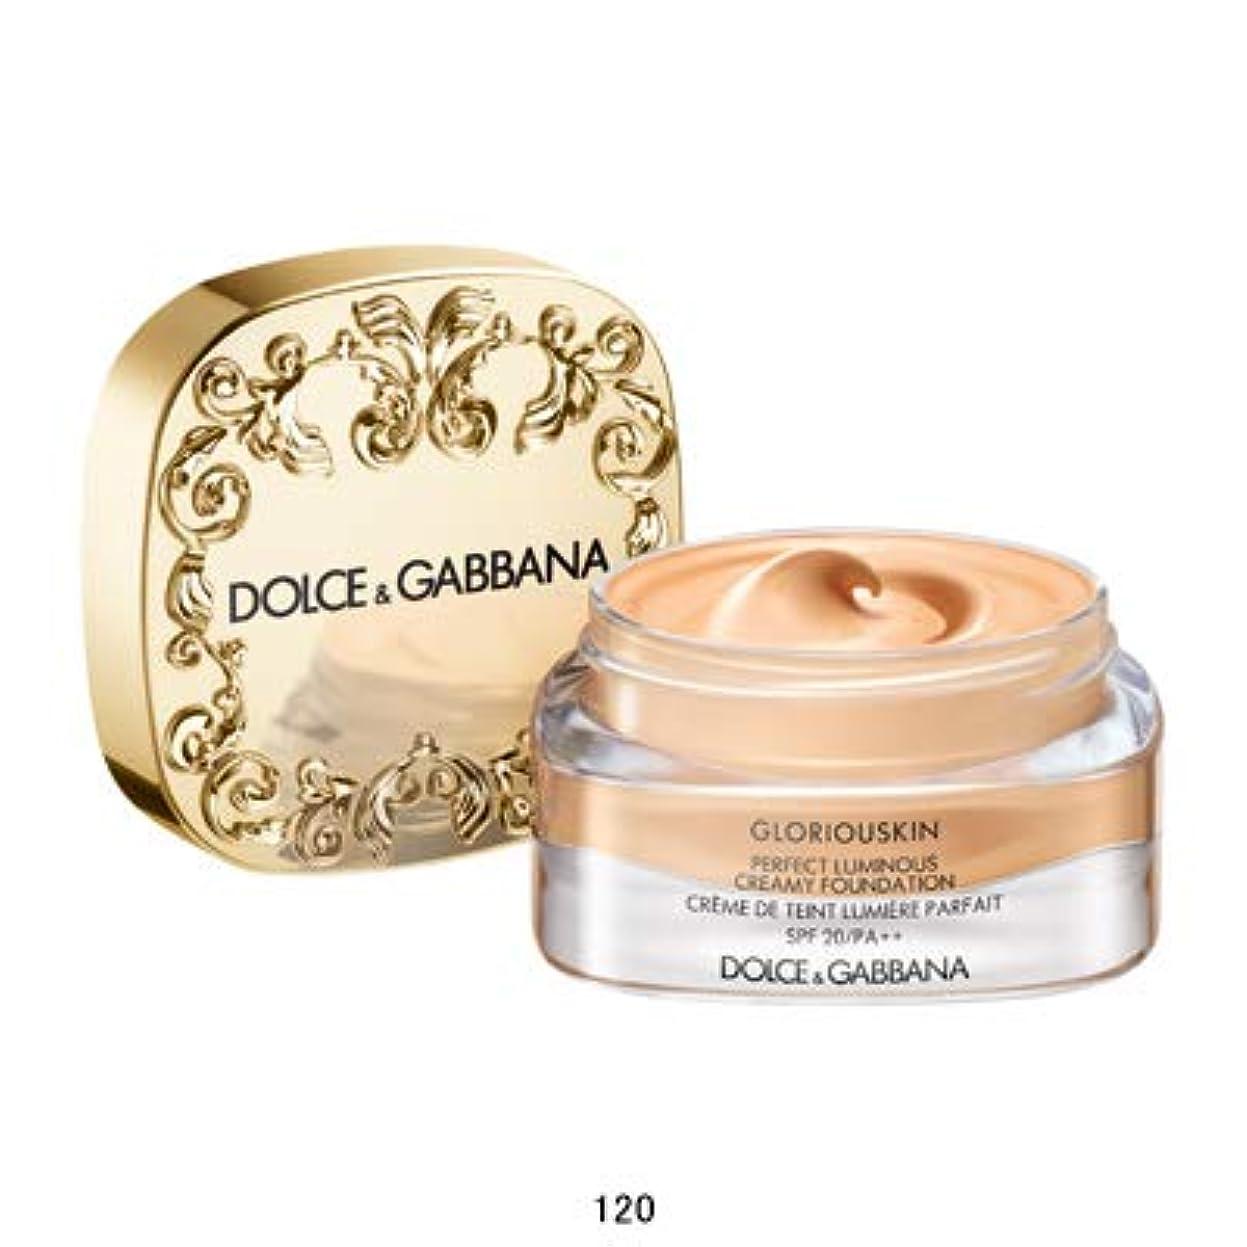 後継主張ピジン【Dolce & Gabbana(ドルチェ&ガッバーナ)】グロリアスキン パーフェクトルミナス クリーミーファンデーション_30mL/SPF20・PA++/ファンデーション (120)